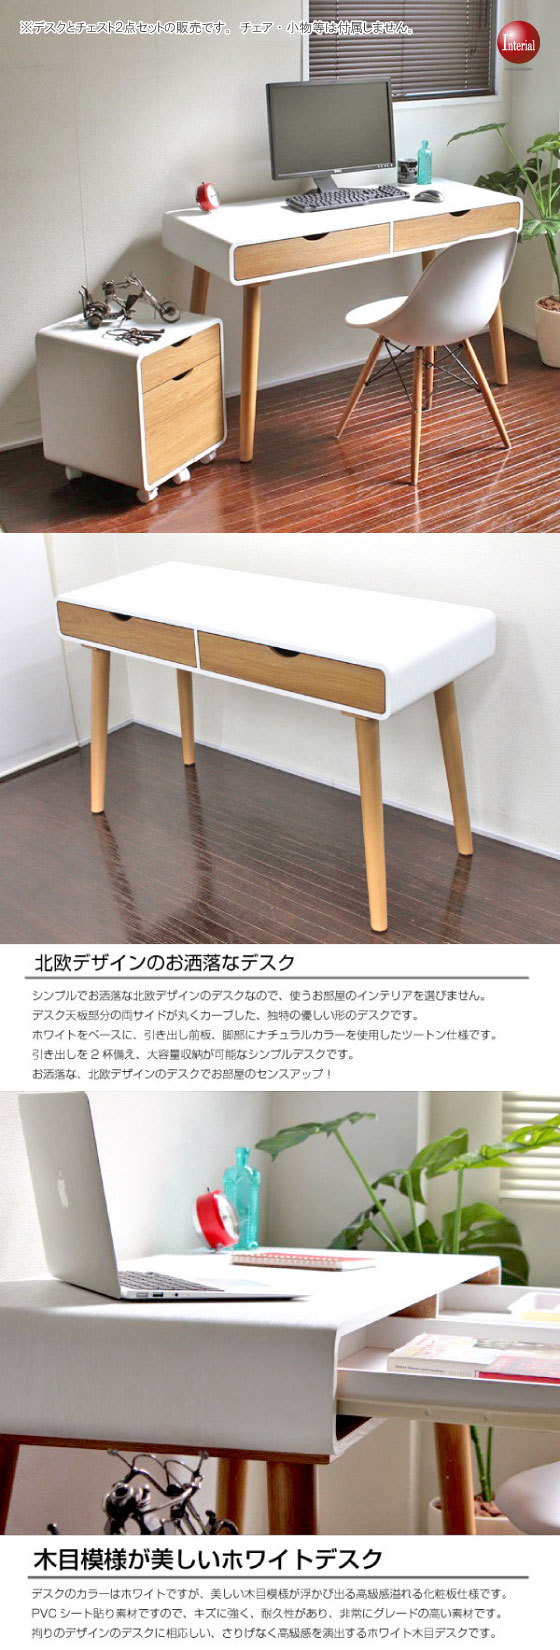 北欧デザイン・幅120cmデスク&チェストセット(完成品)【完売しました】